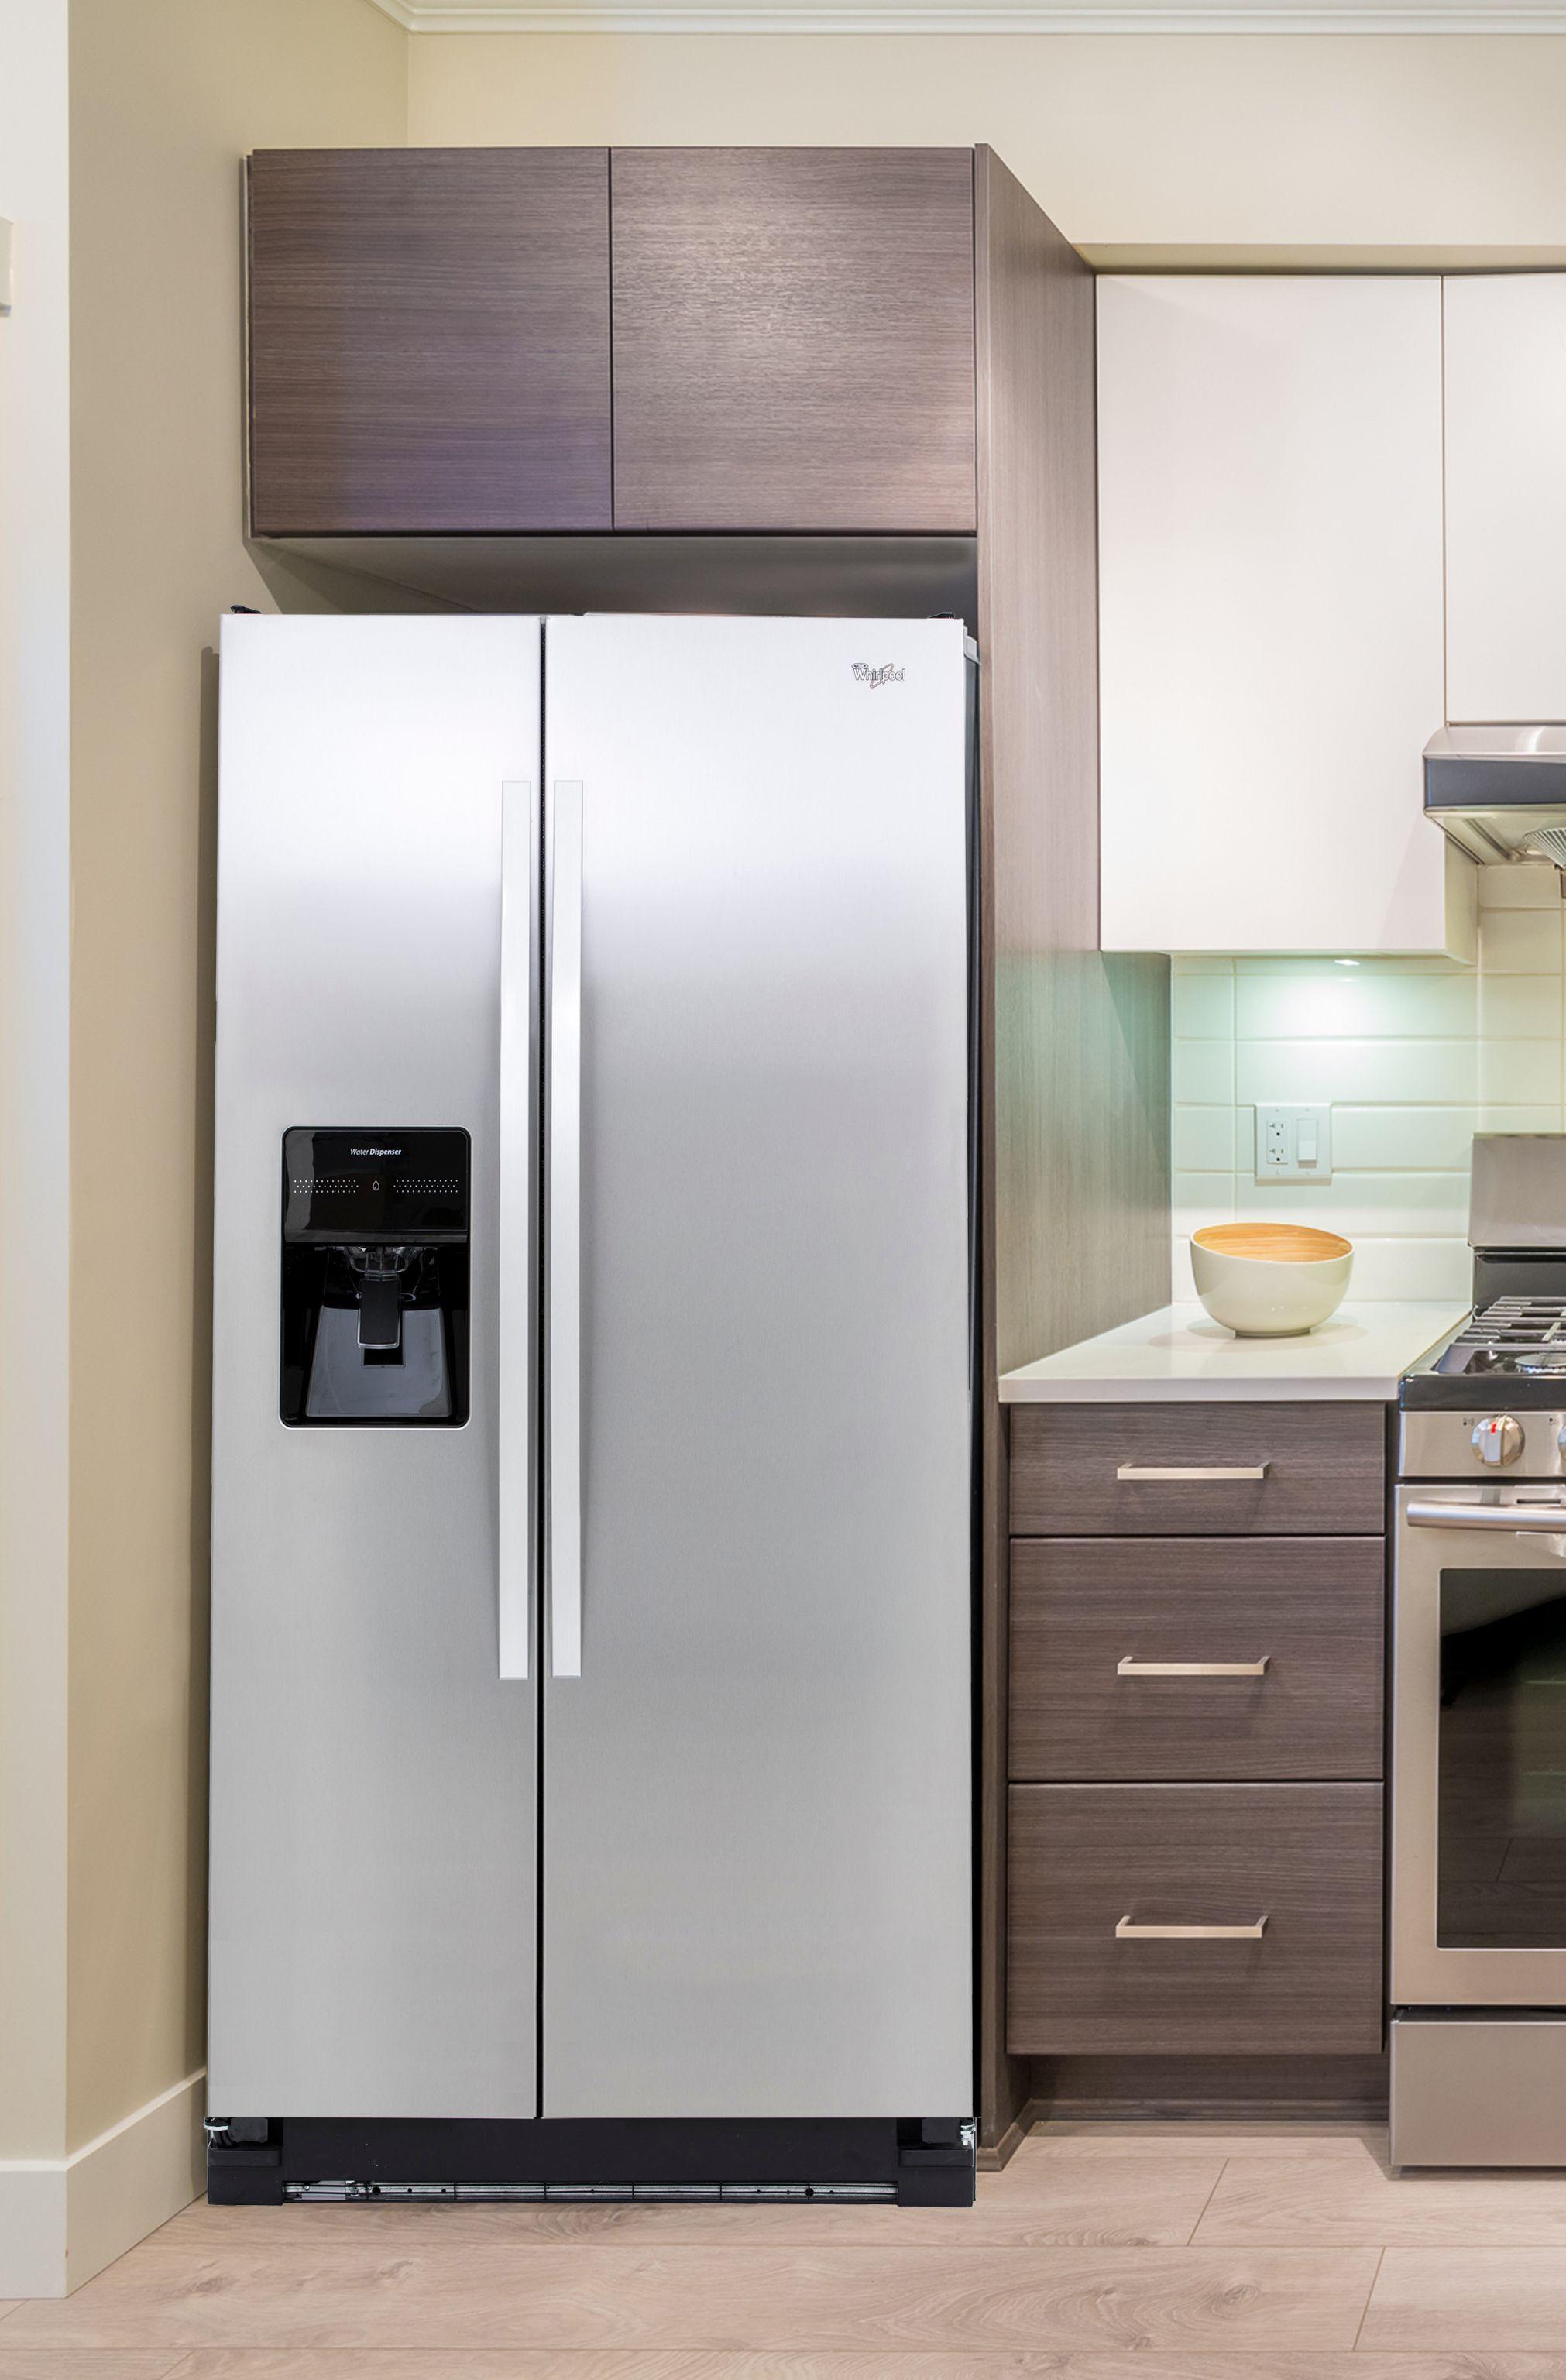 Convierte tu cocina en un espacio ideal dise a tu - Disena tu cocina ikea ...